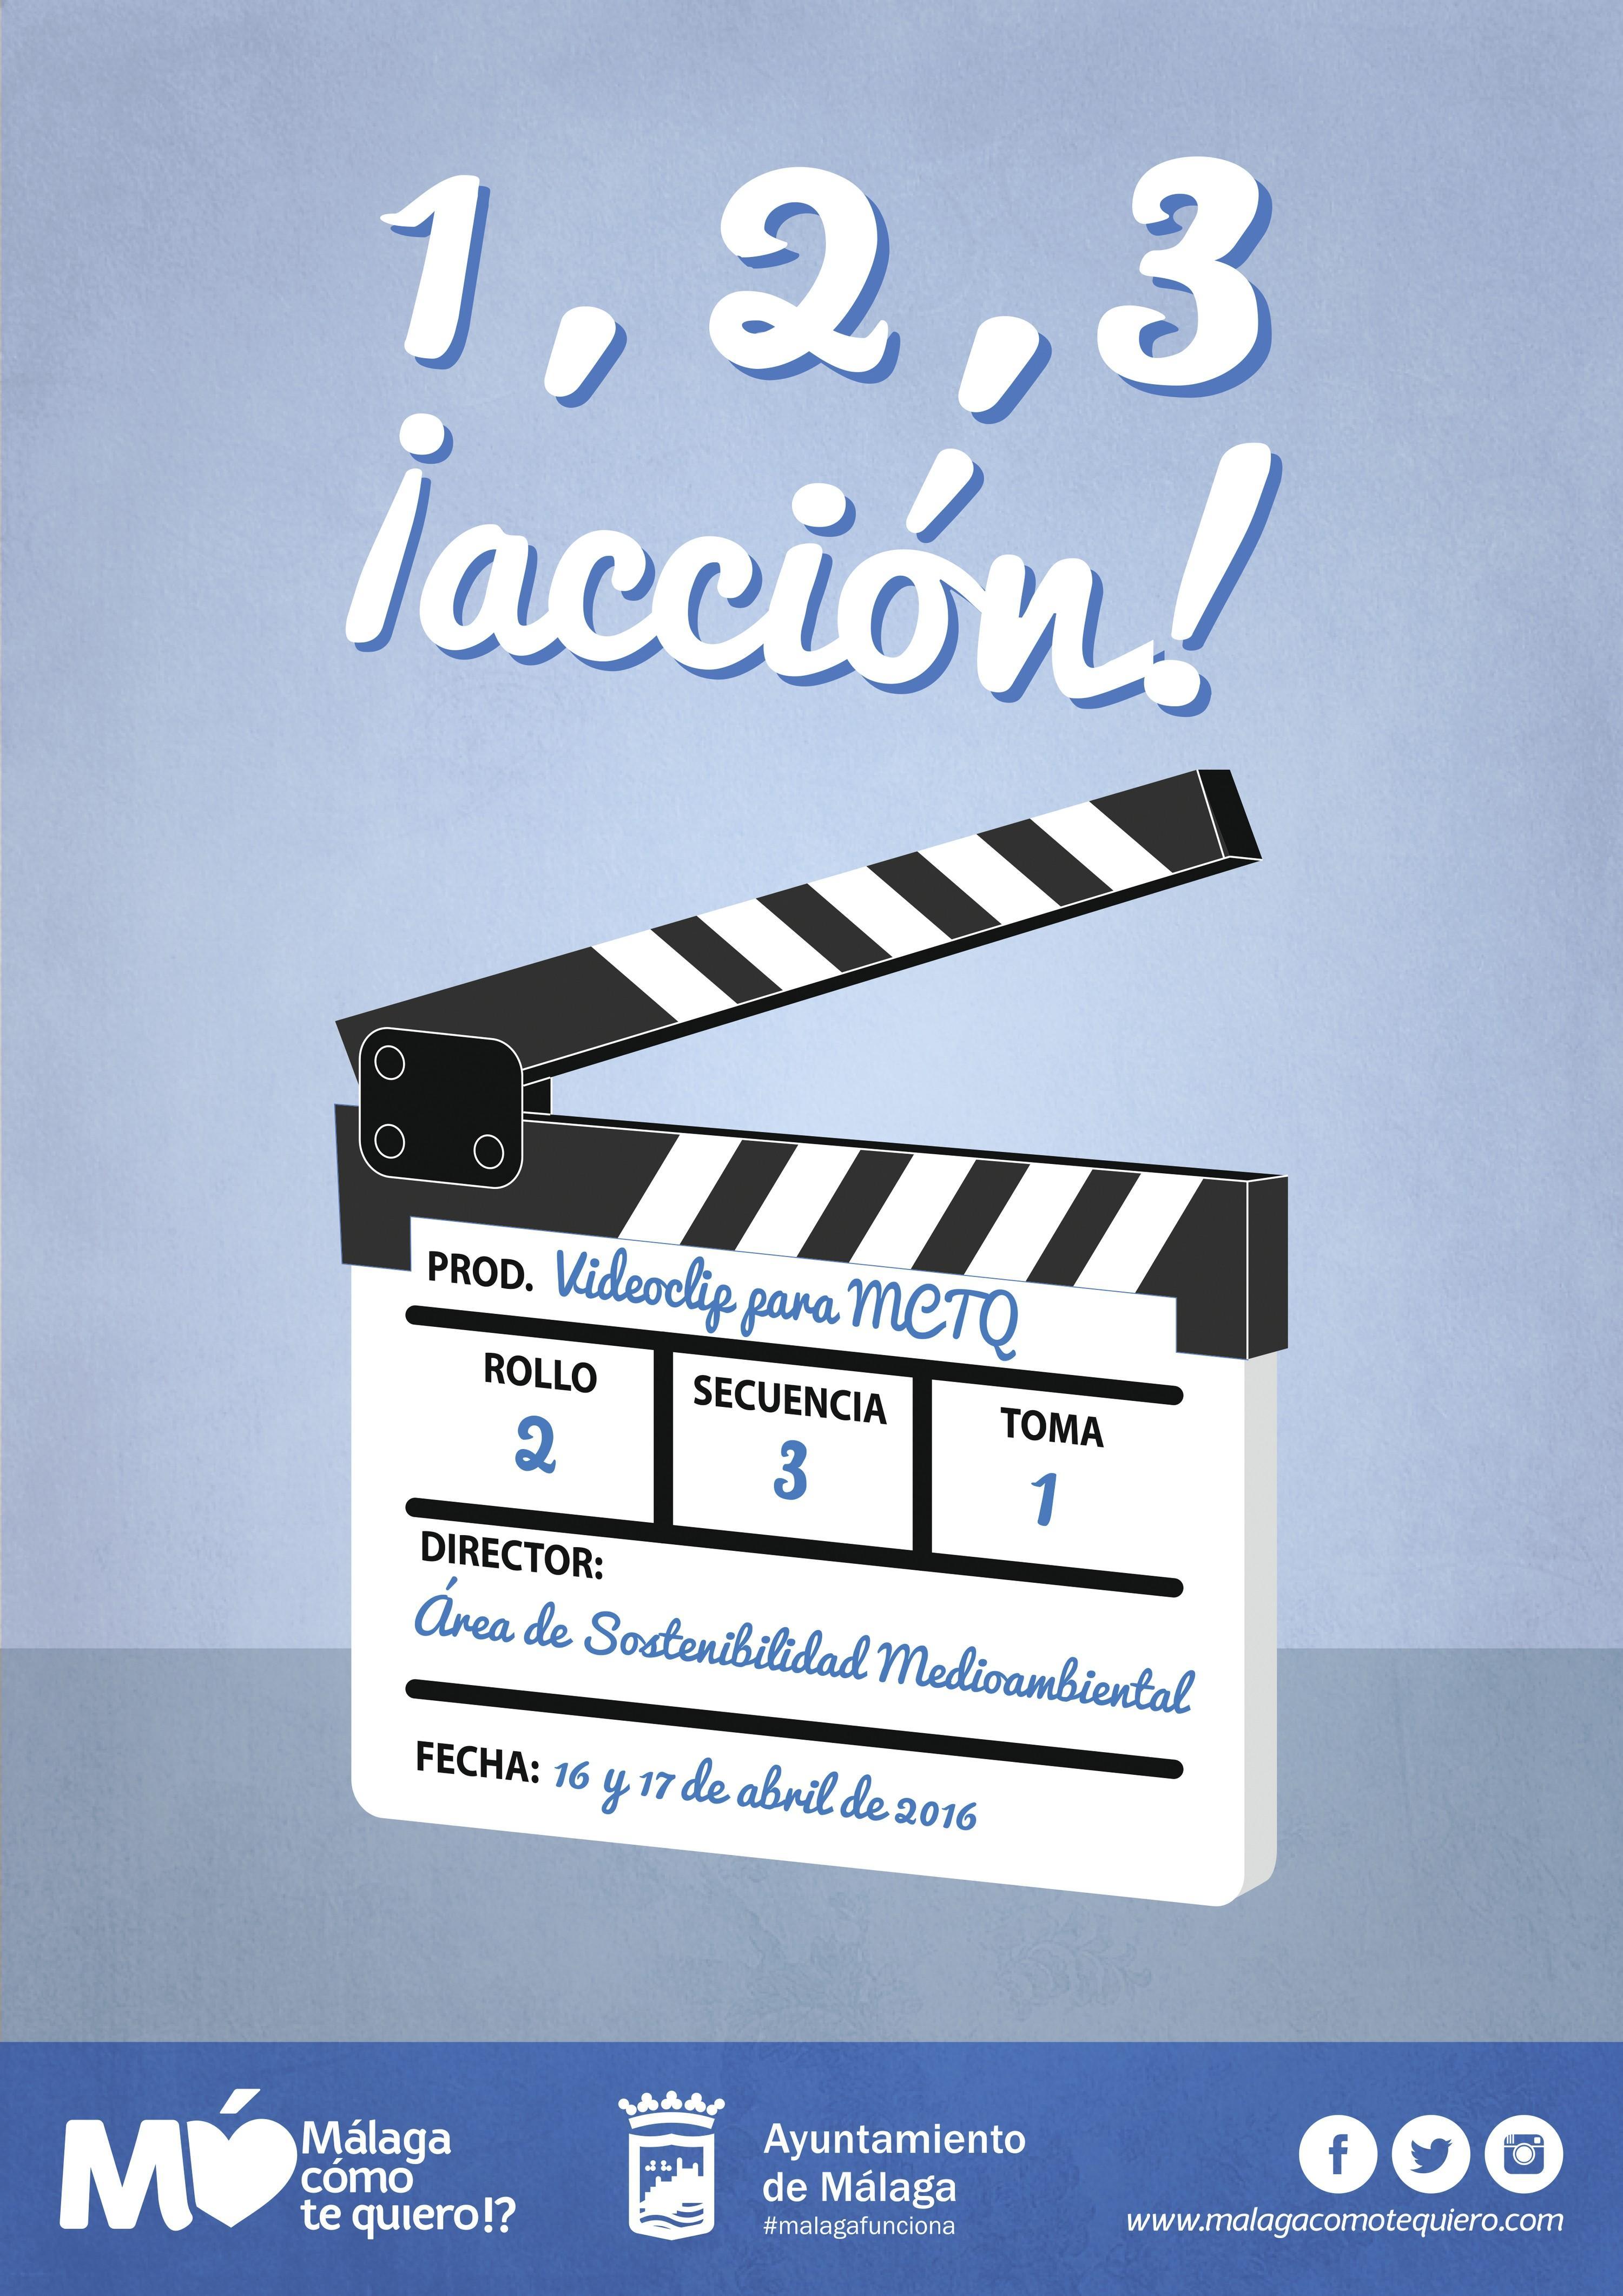 Cartel del ayuntamiento de Málaga para el rodaje de un videoclip, 2016.